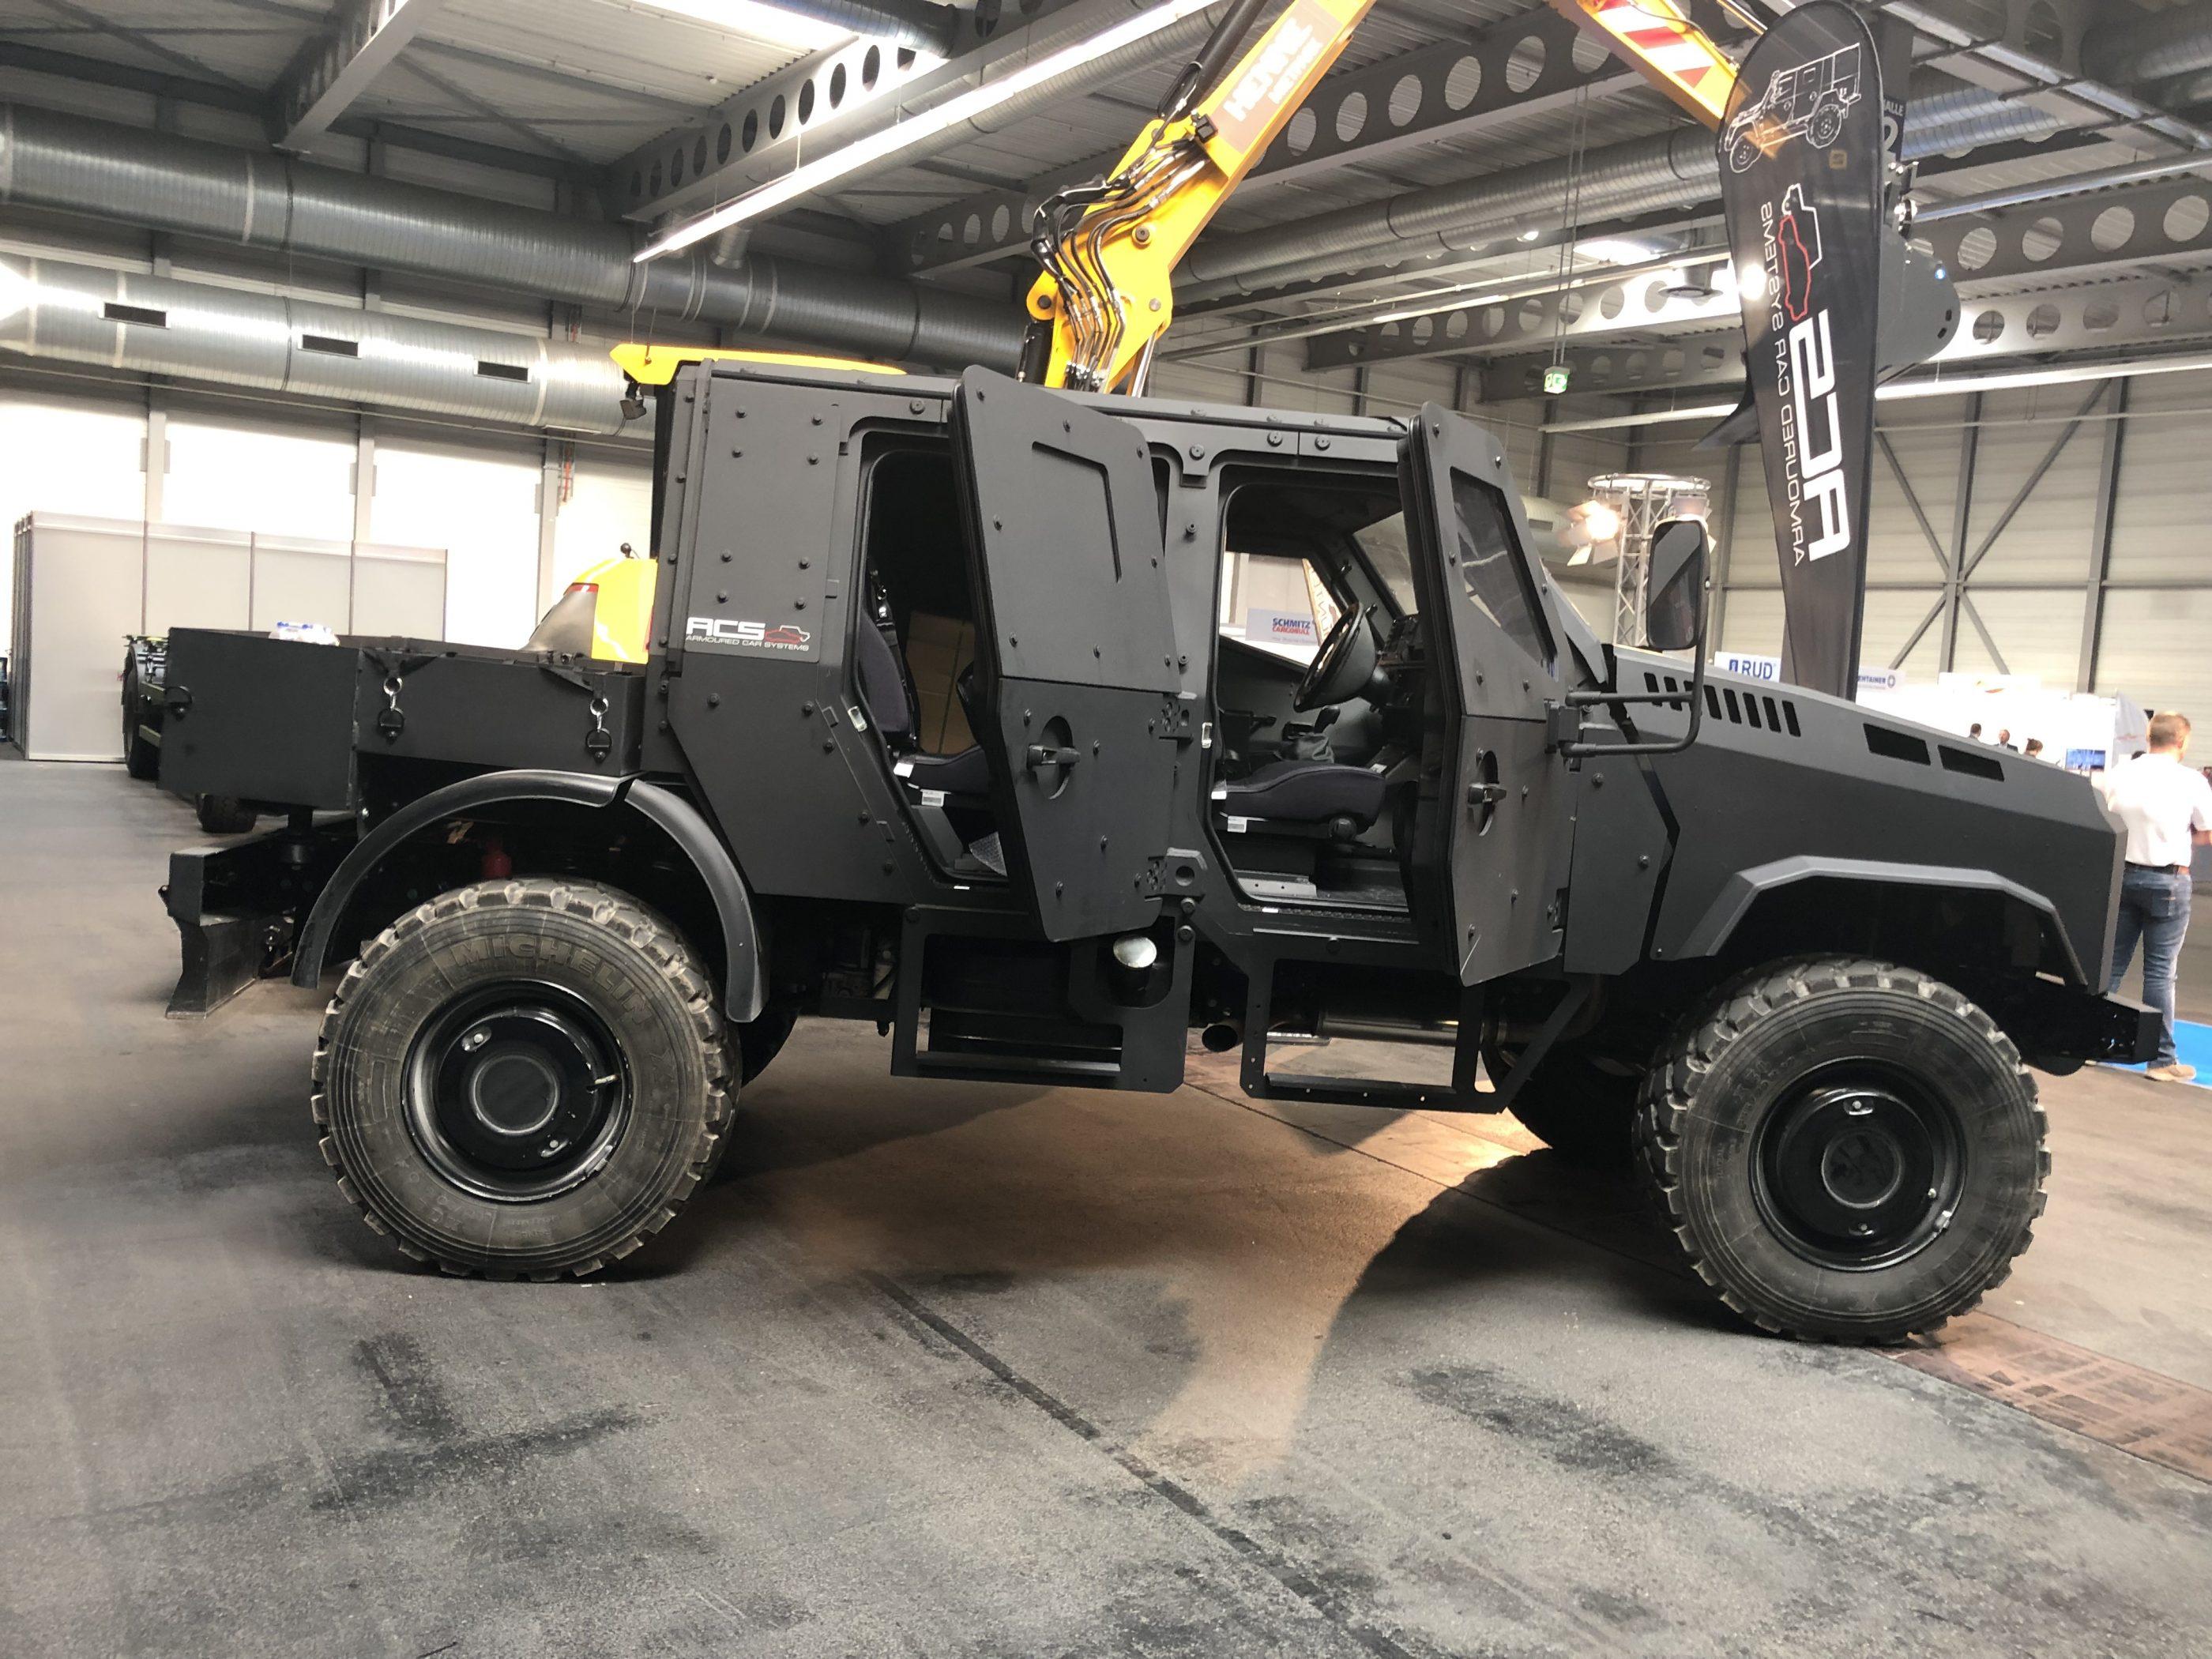 Enok-7.5-Prototyp-08-2019-IMG_3527_Heimi